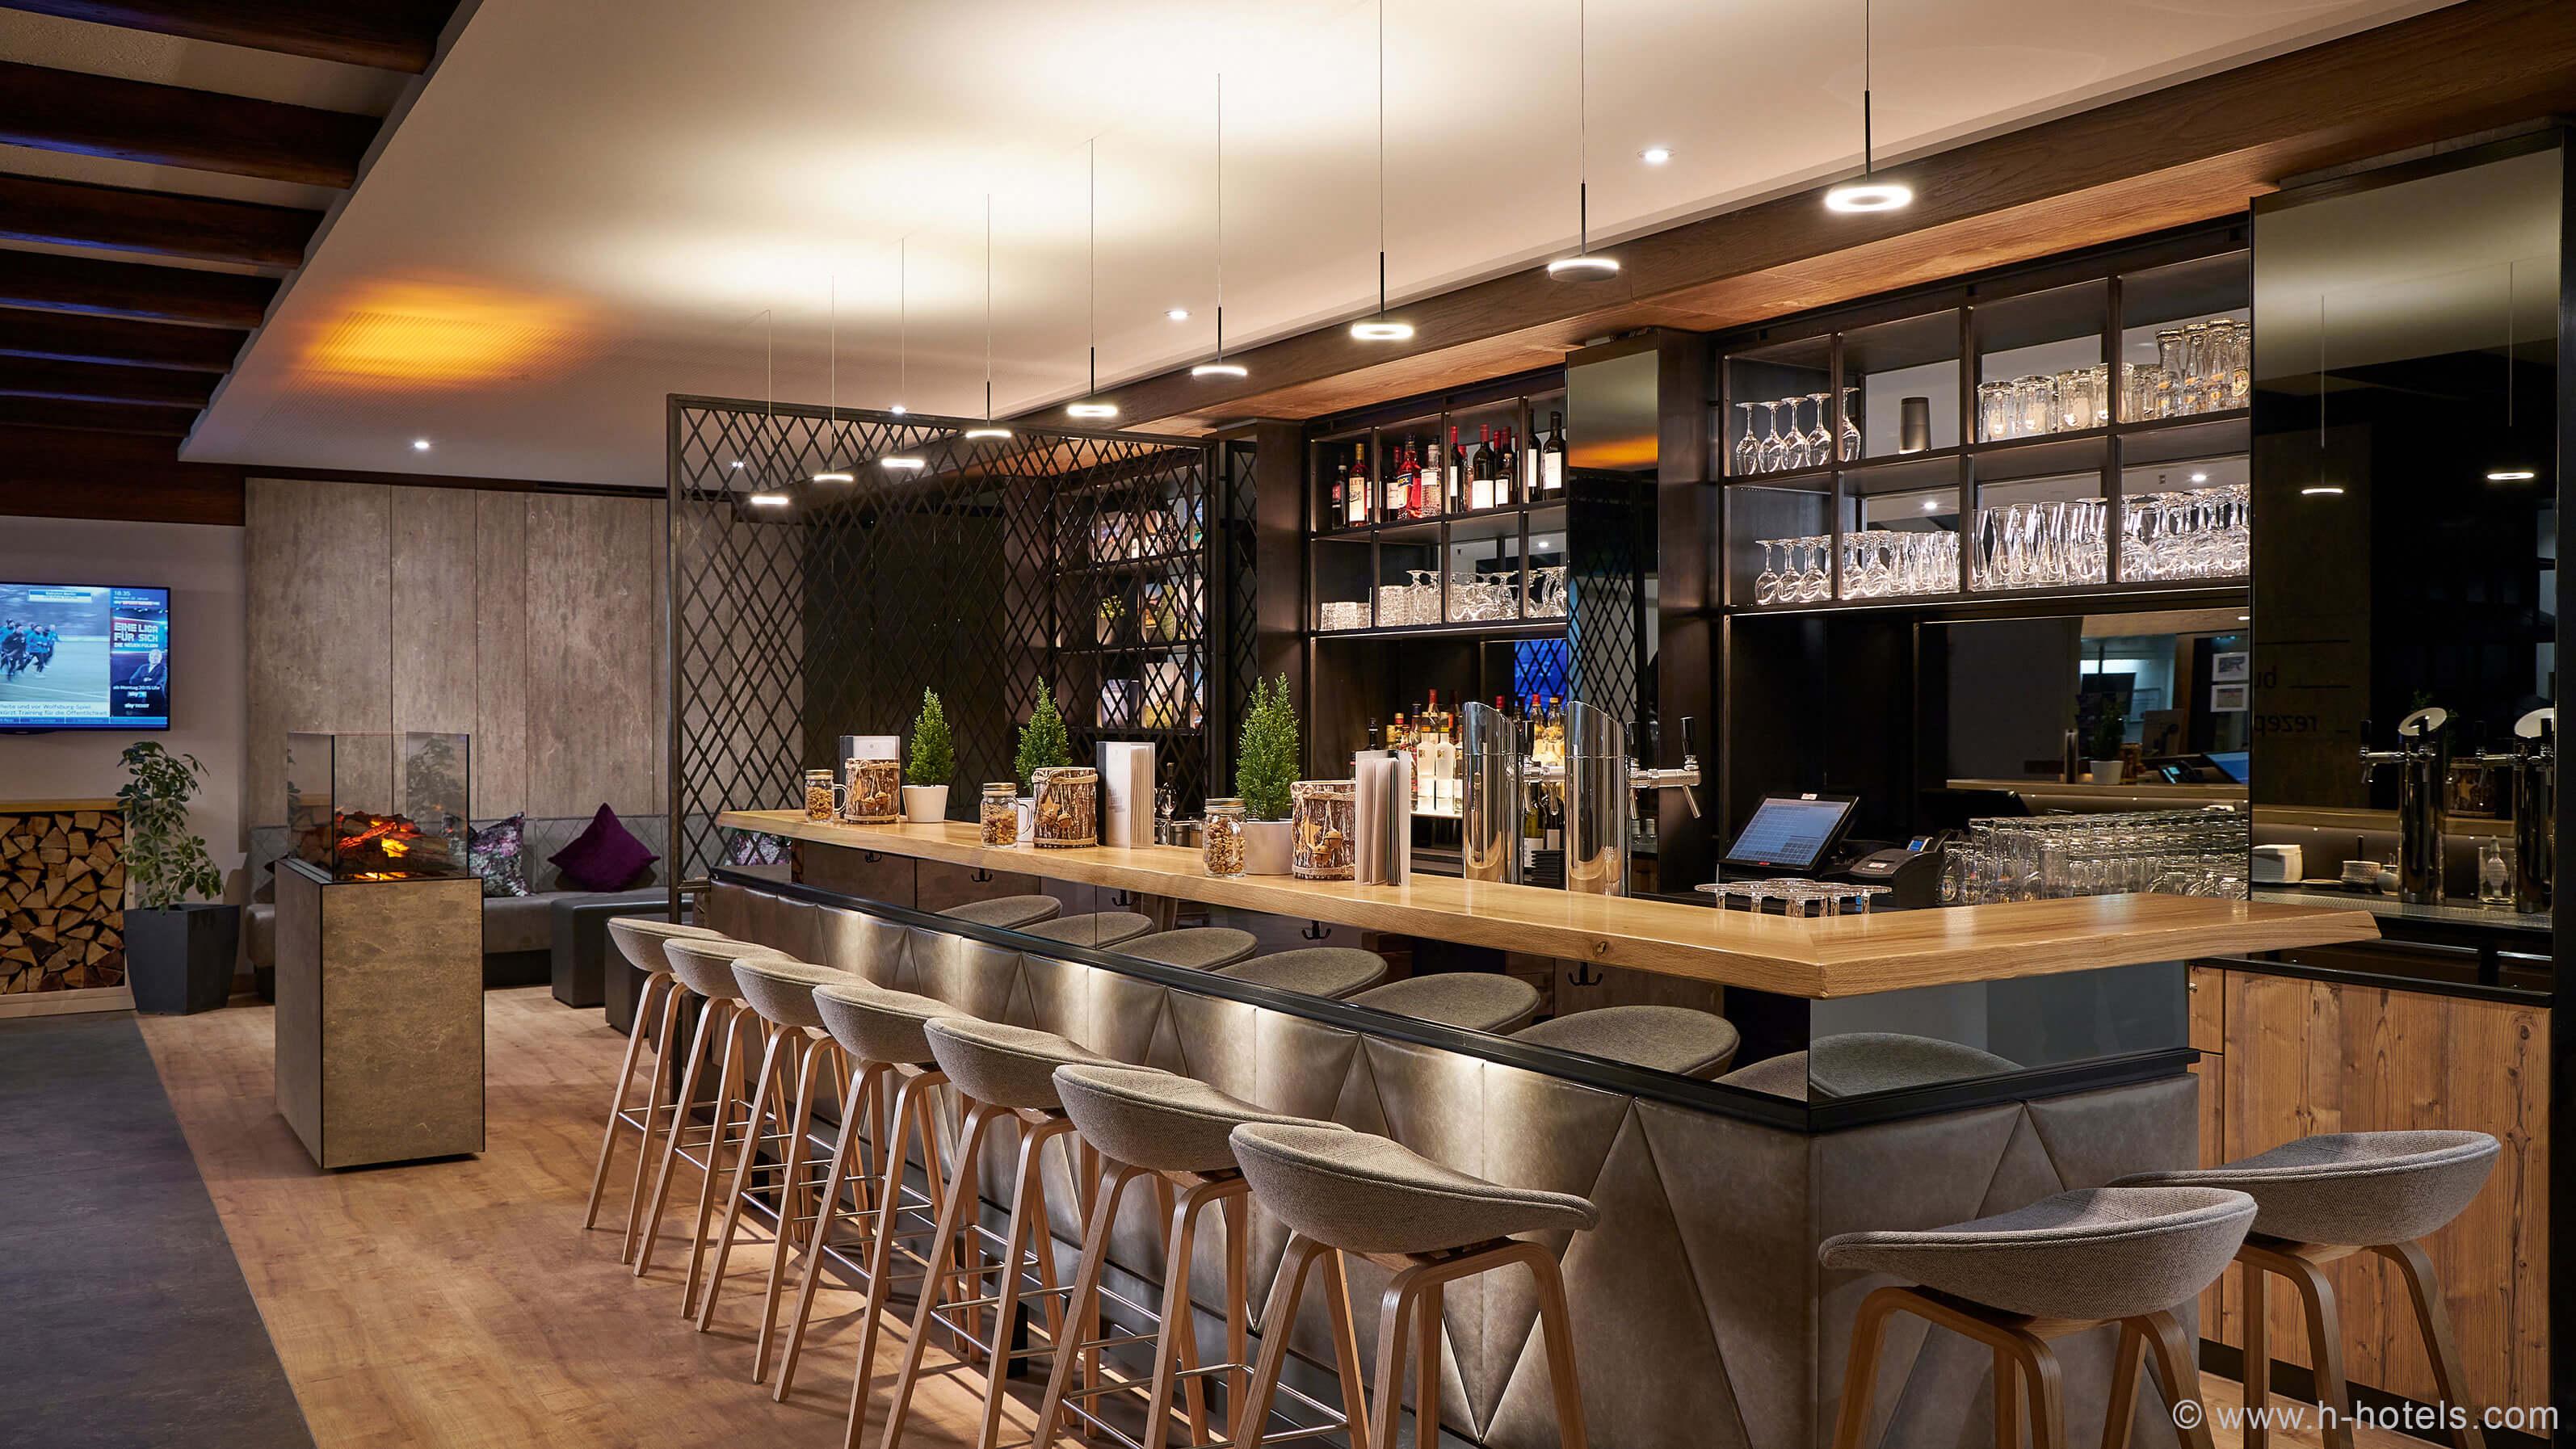 h-hotels_bar-01-hplus-hotel-garmisch_Original-(kommerz.-Nutzung)-_19c8e01f_